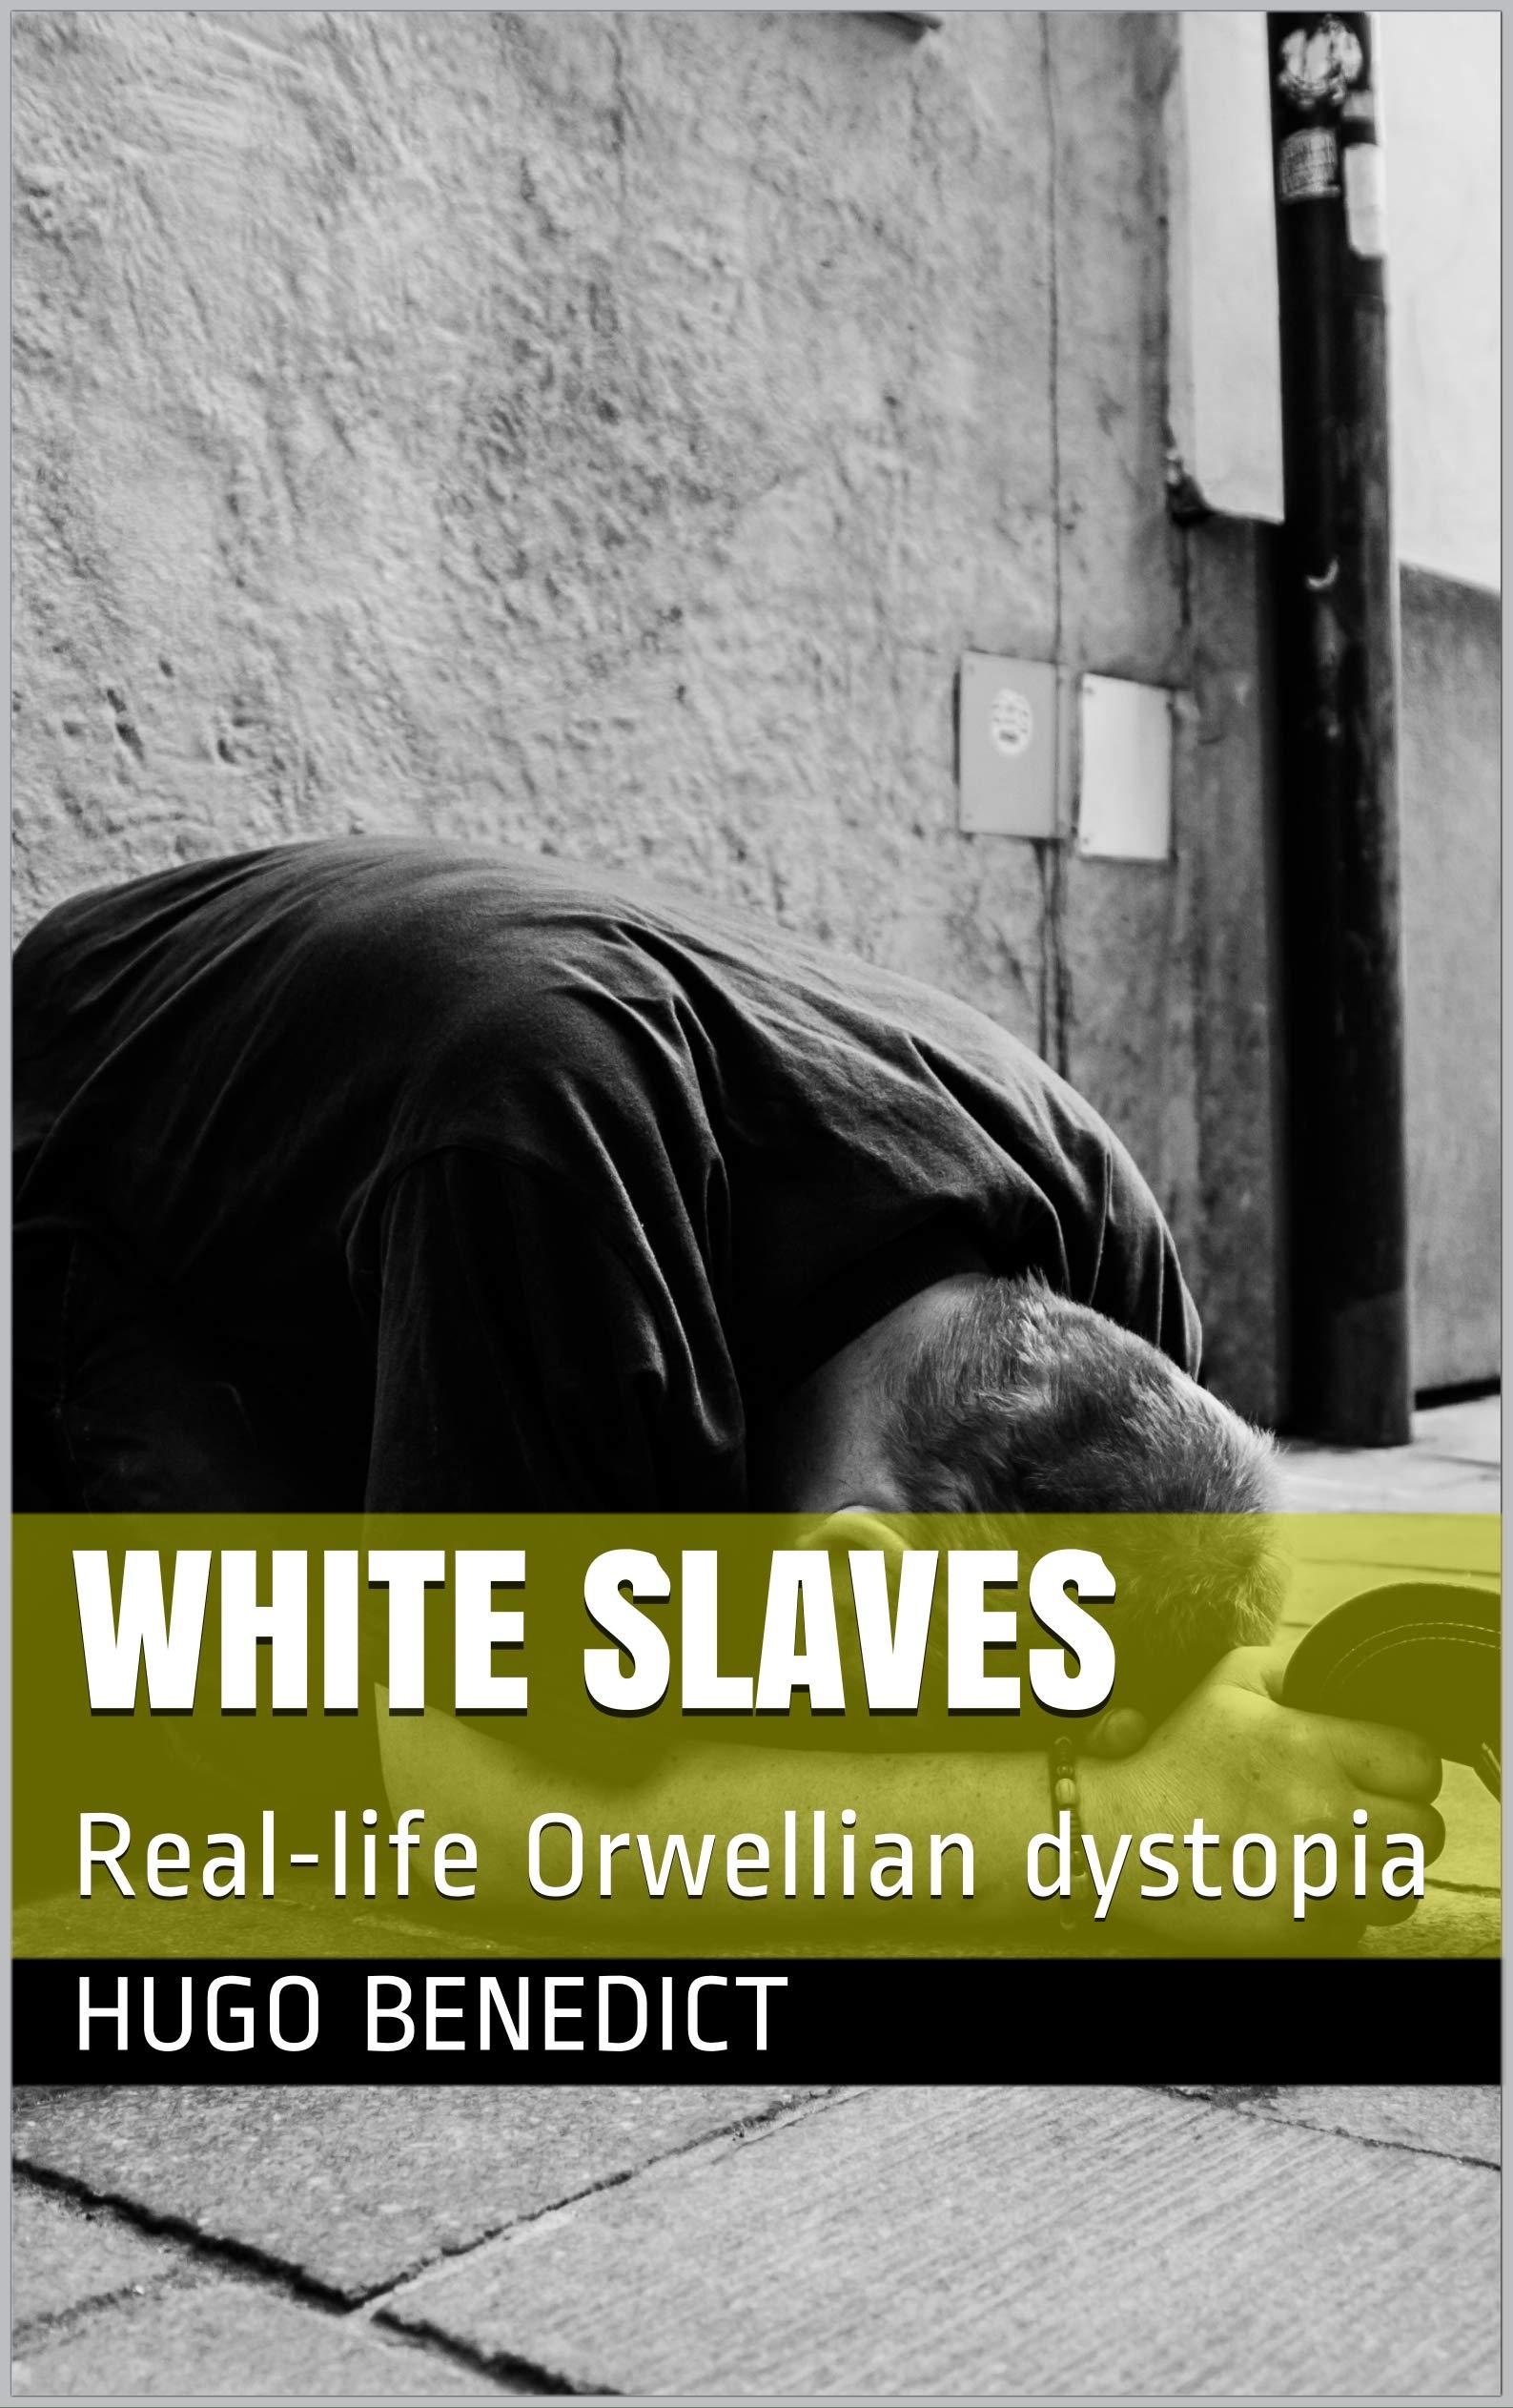 White Slaves: Real-life Orwellian dystopia